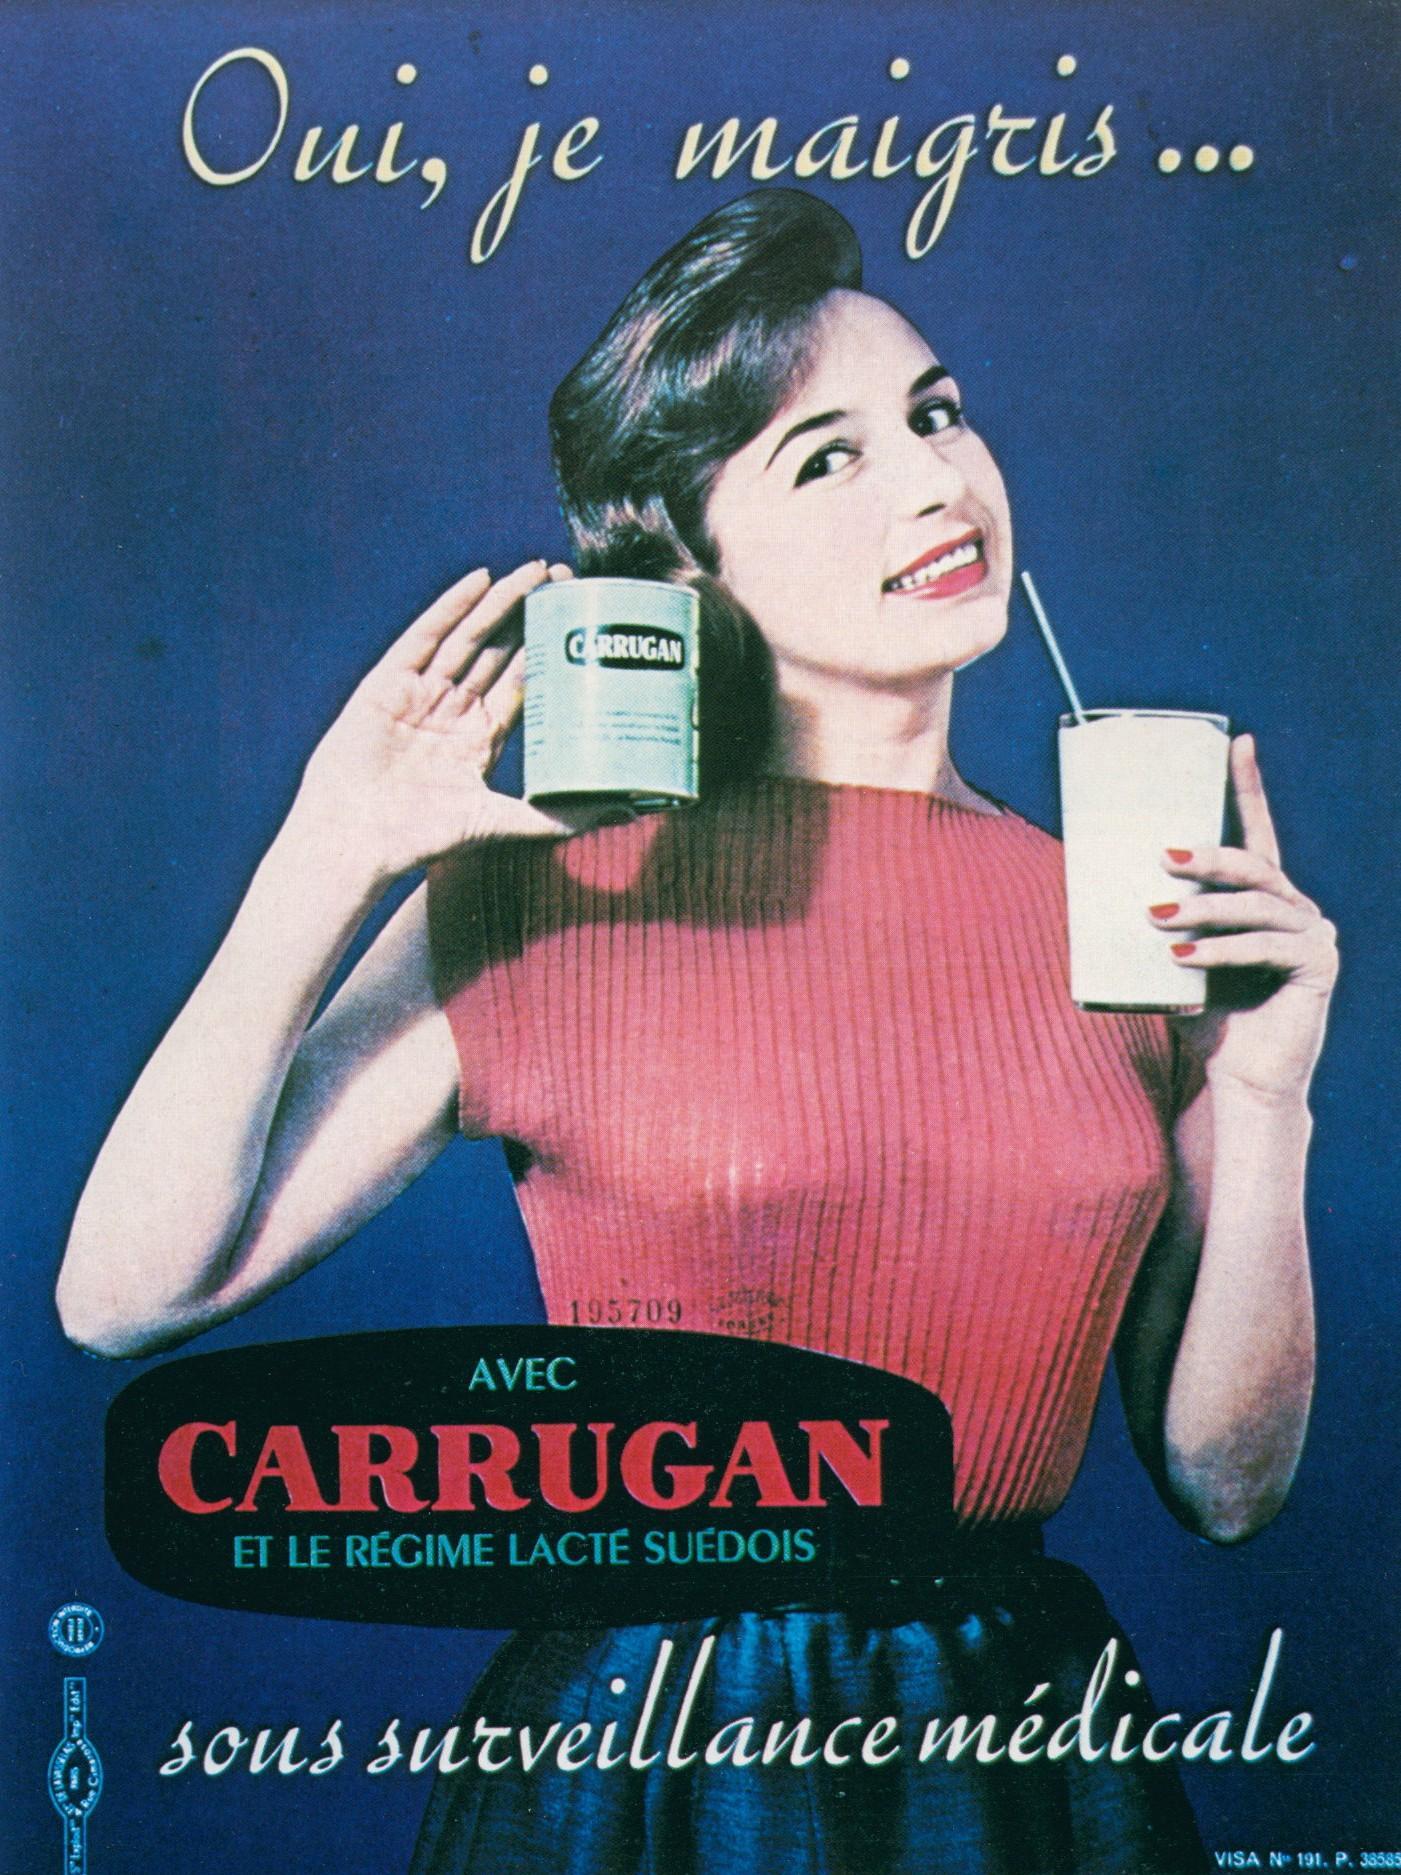 Publicite 1950 1965 45